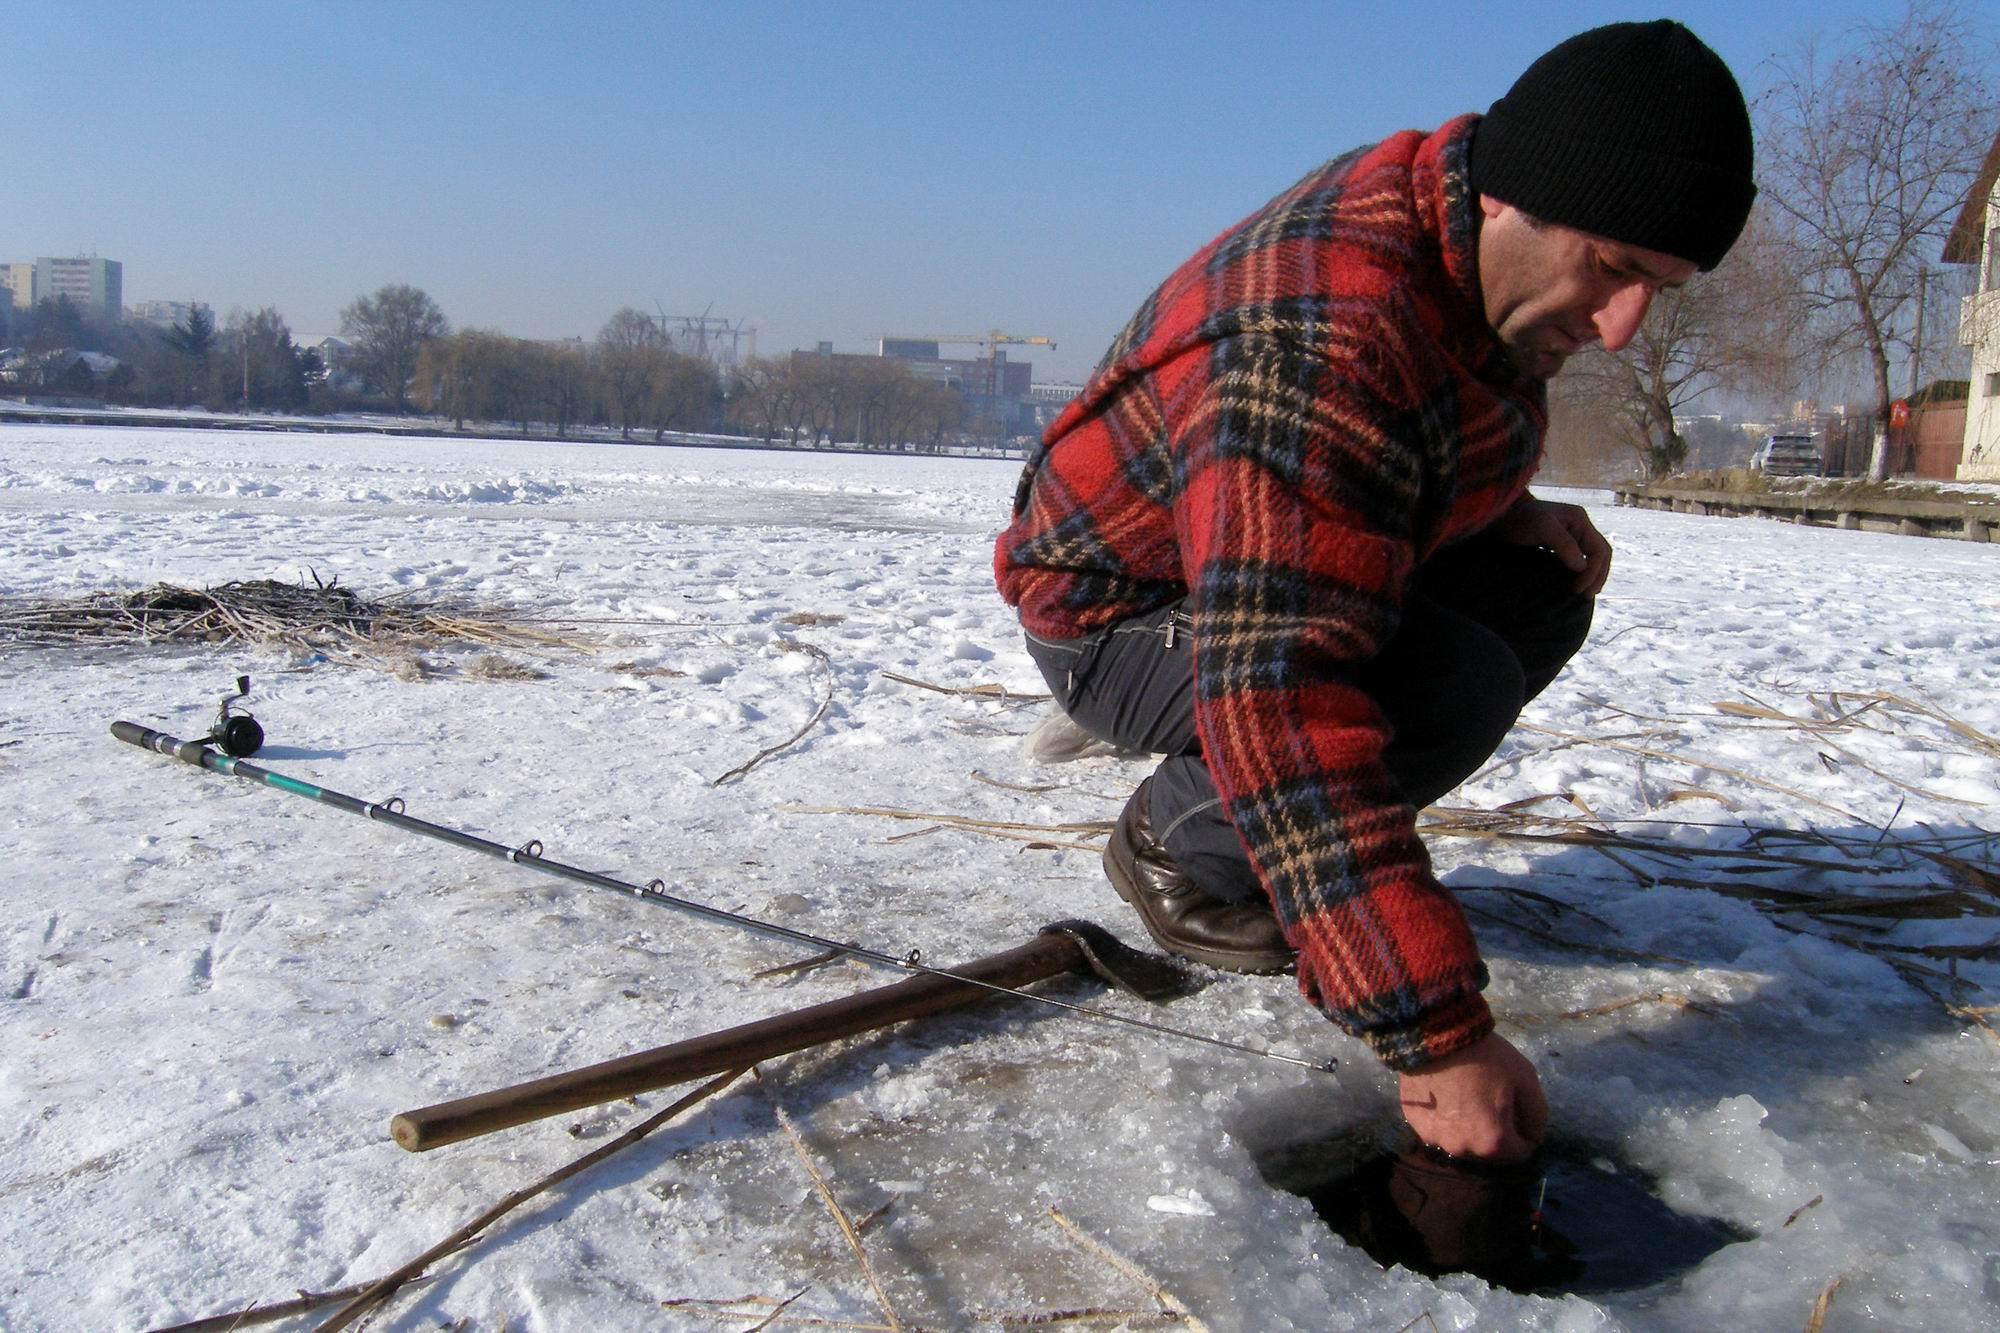 Uni pescar clujean curata gheata din copca, miercuri 25.01.2006,  in gheata groasa de peste 20cm, pe un lac din cartierul clujean Marasti. In cursul acestei dimineti s-au interistrat la Cluj-Napoca temperaturi de - 20 gradde Celsius.